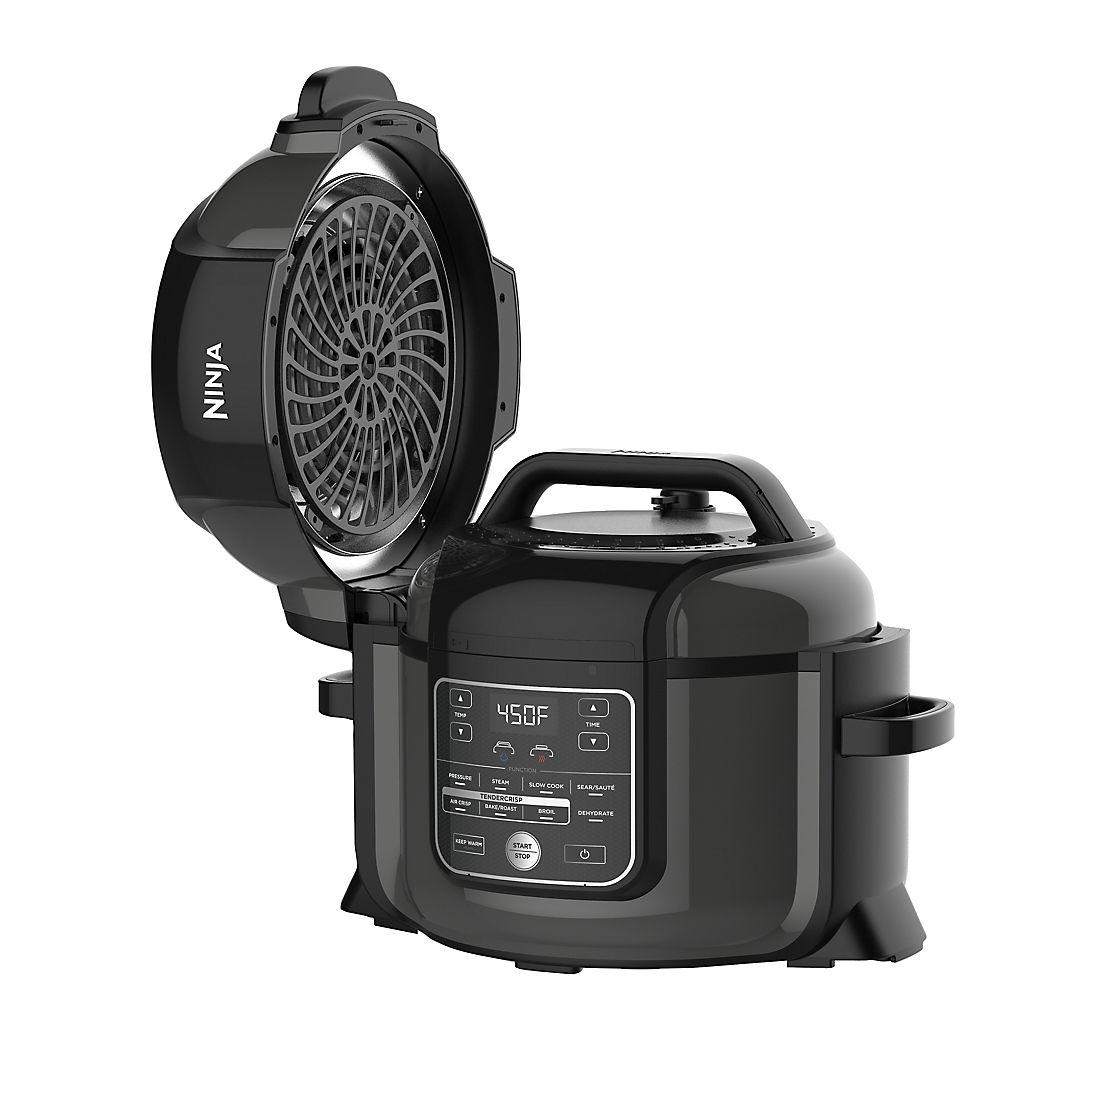 Ninja Foodi Multi-Cooker and Air Fryer with TenderCrisp